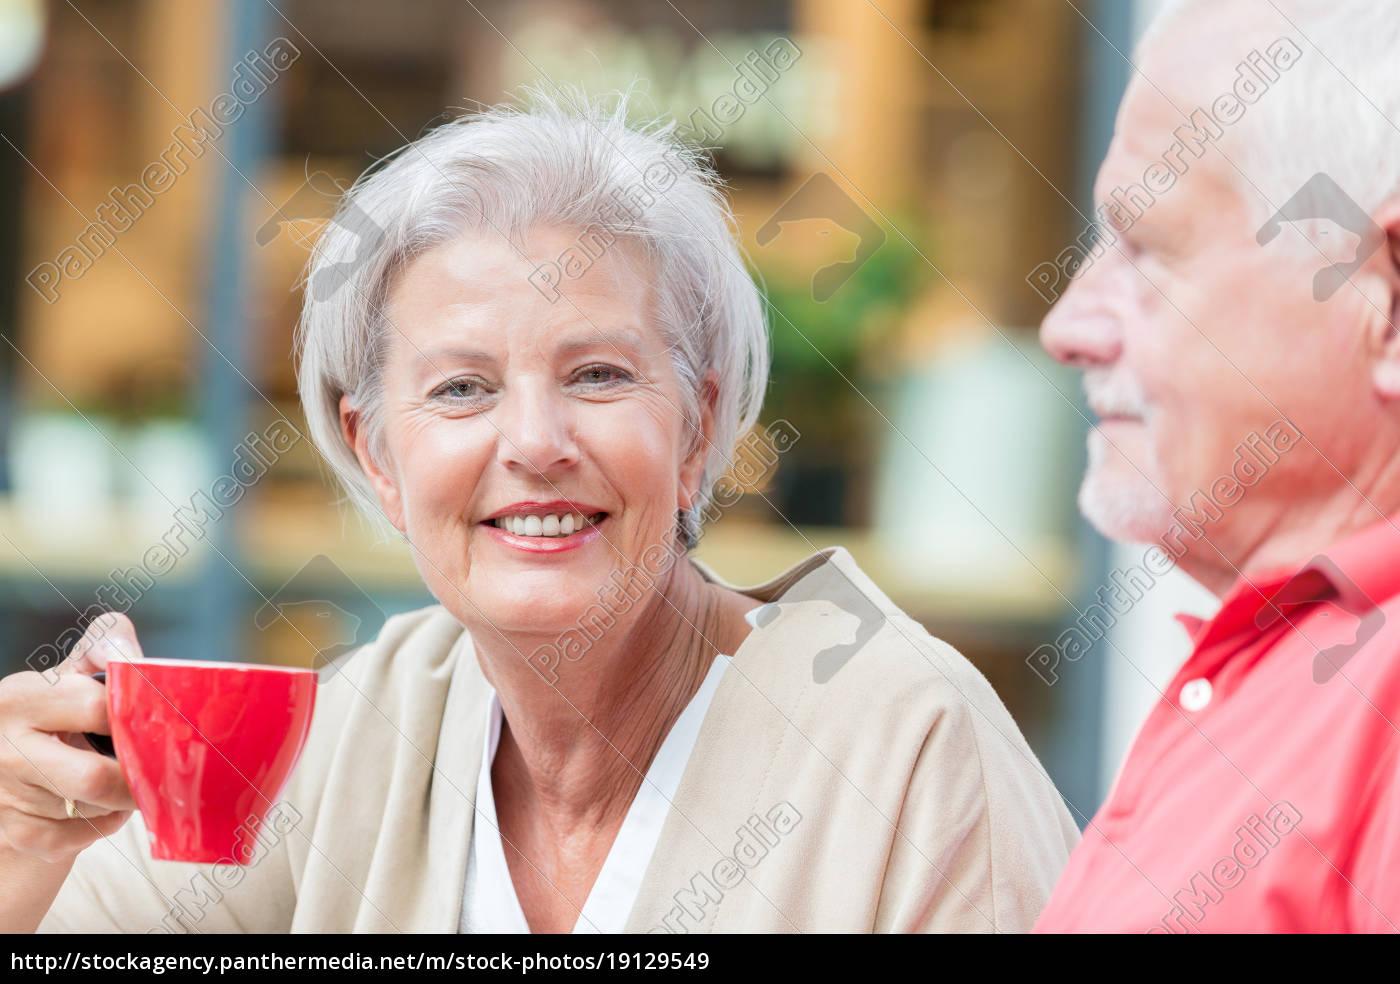 las, personas, mayores, beben, un, café - 19129549